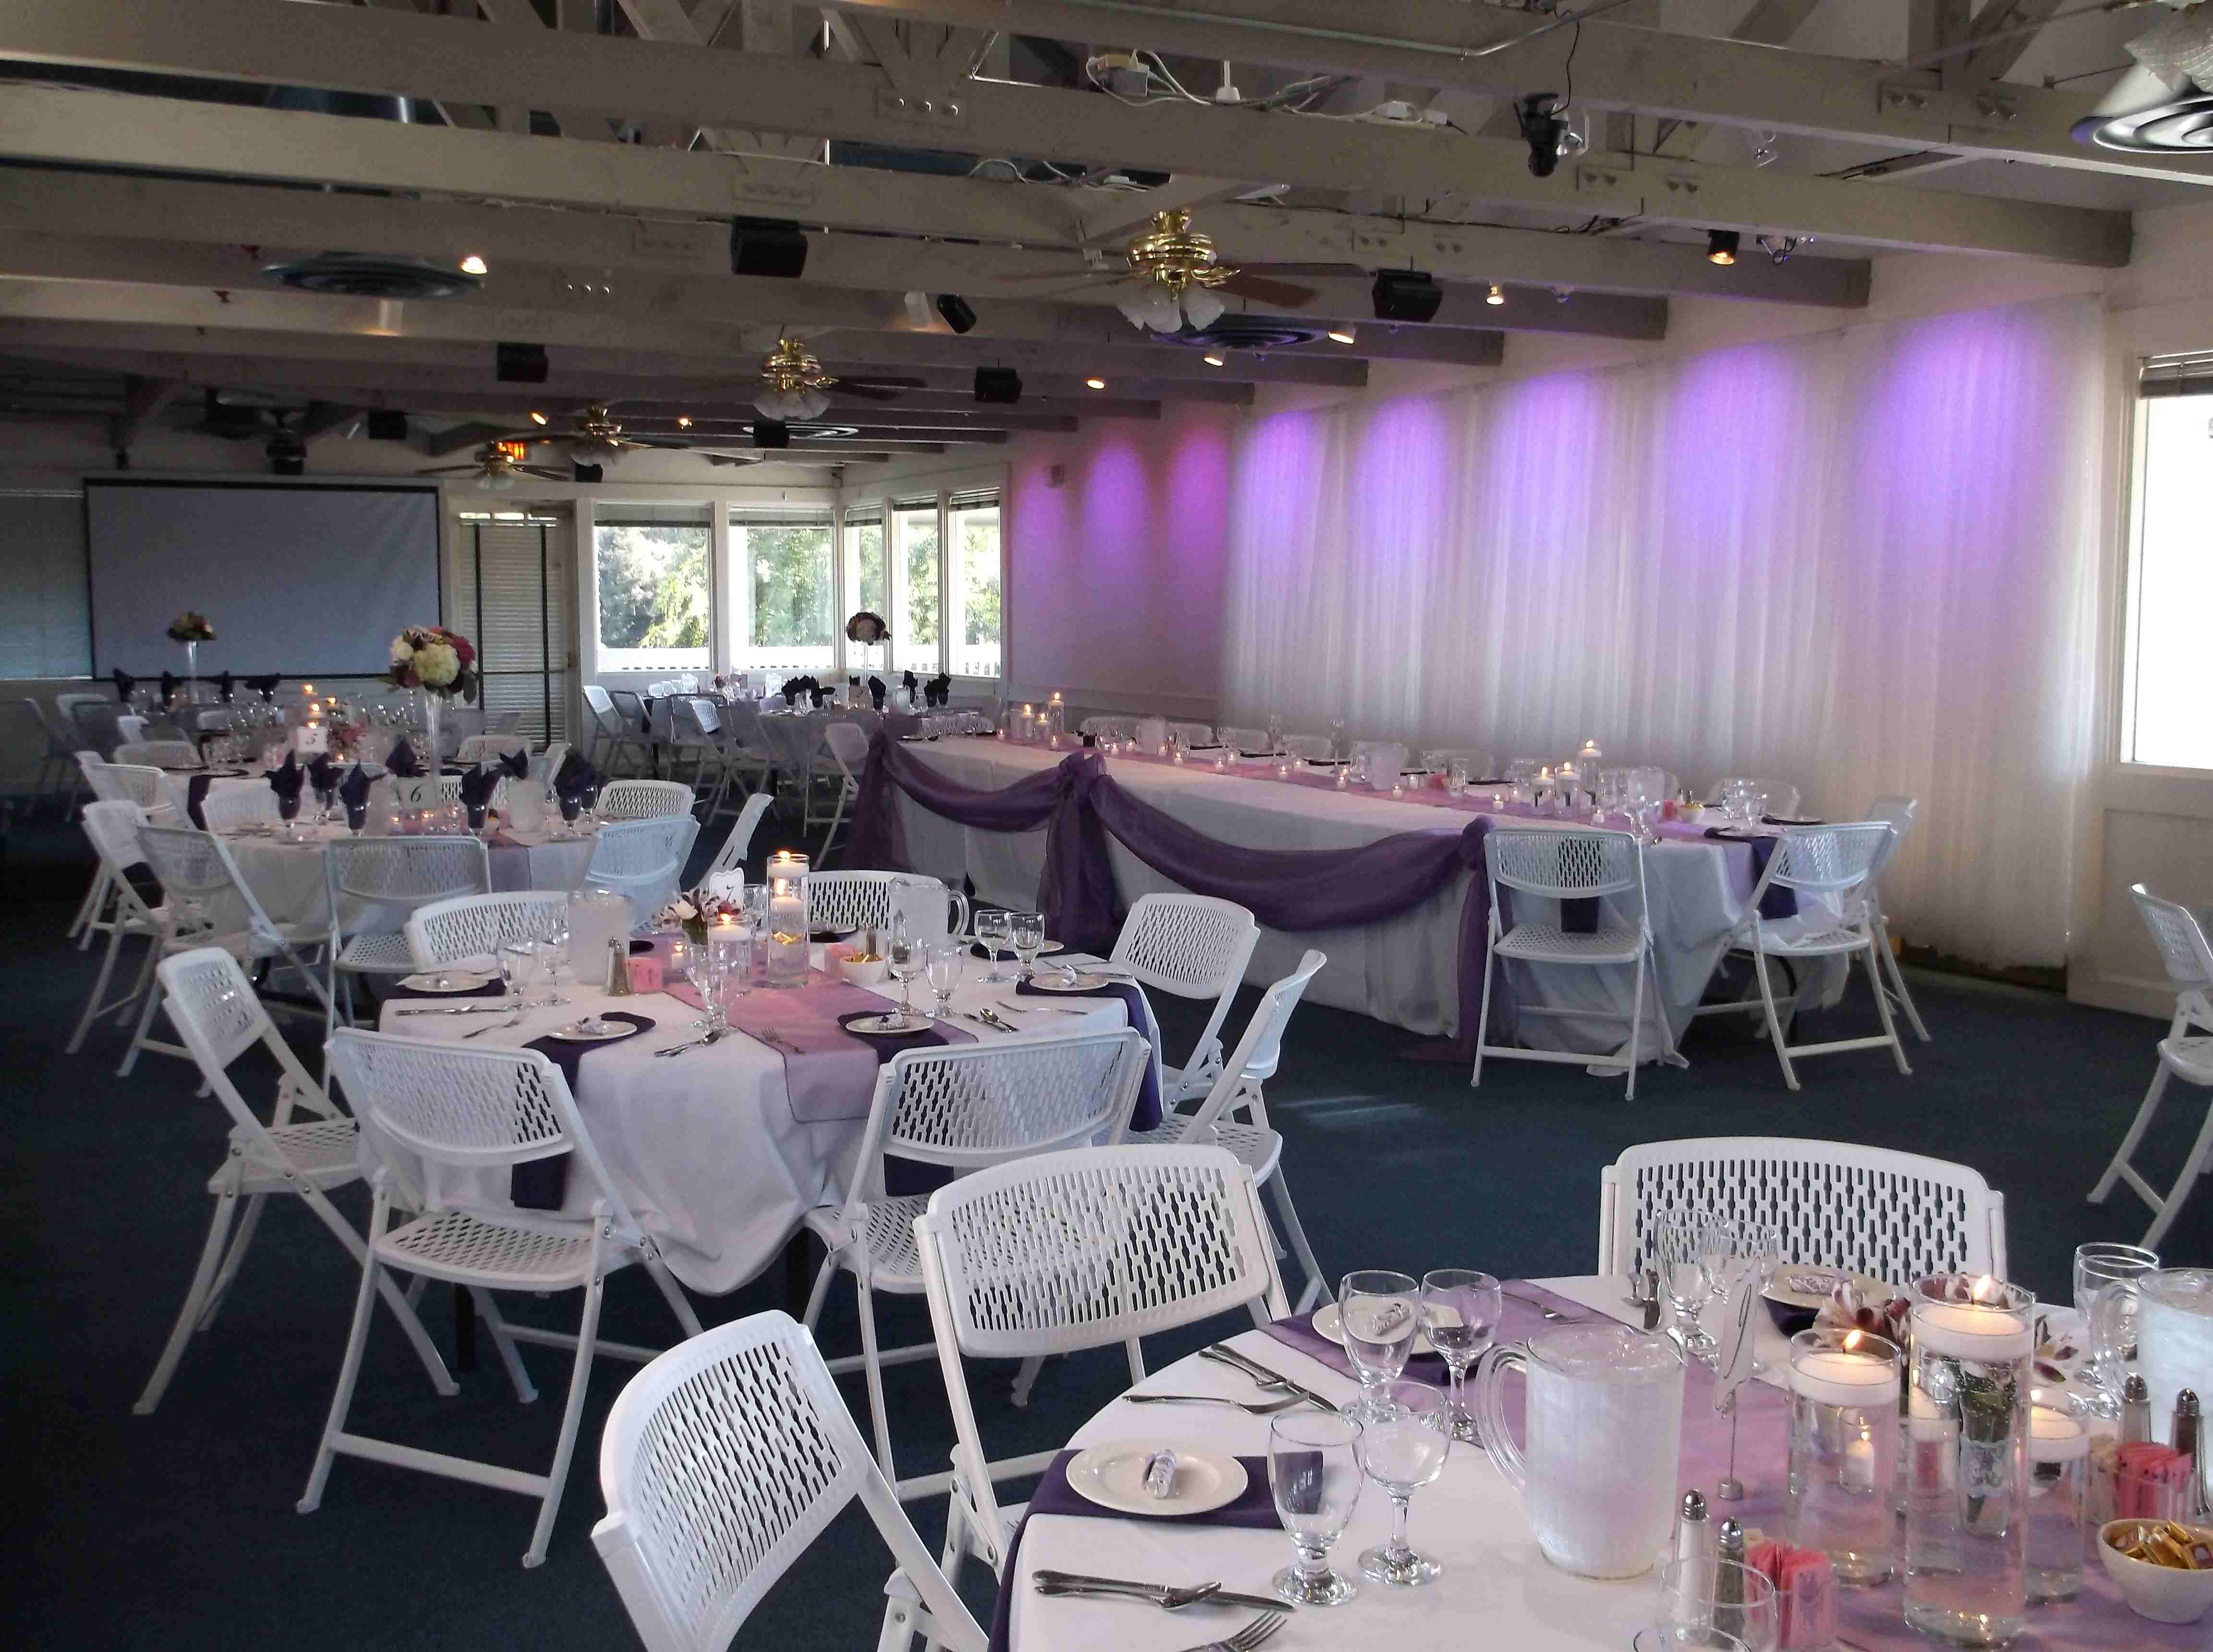 Chez Shari Banquet Facility image 32